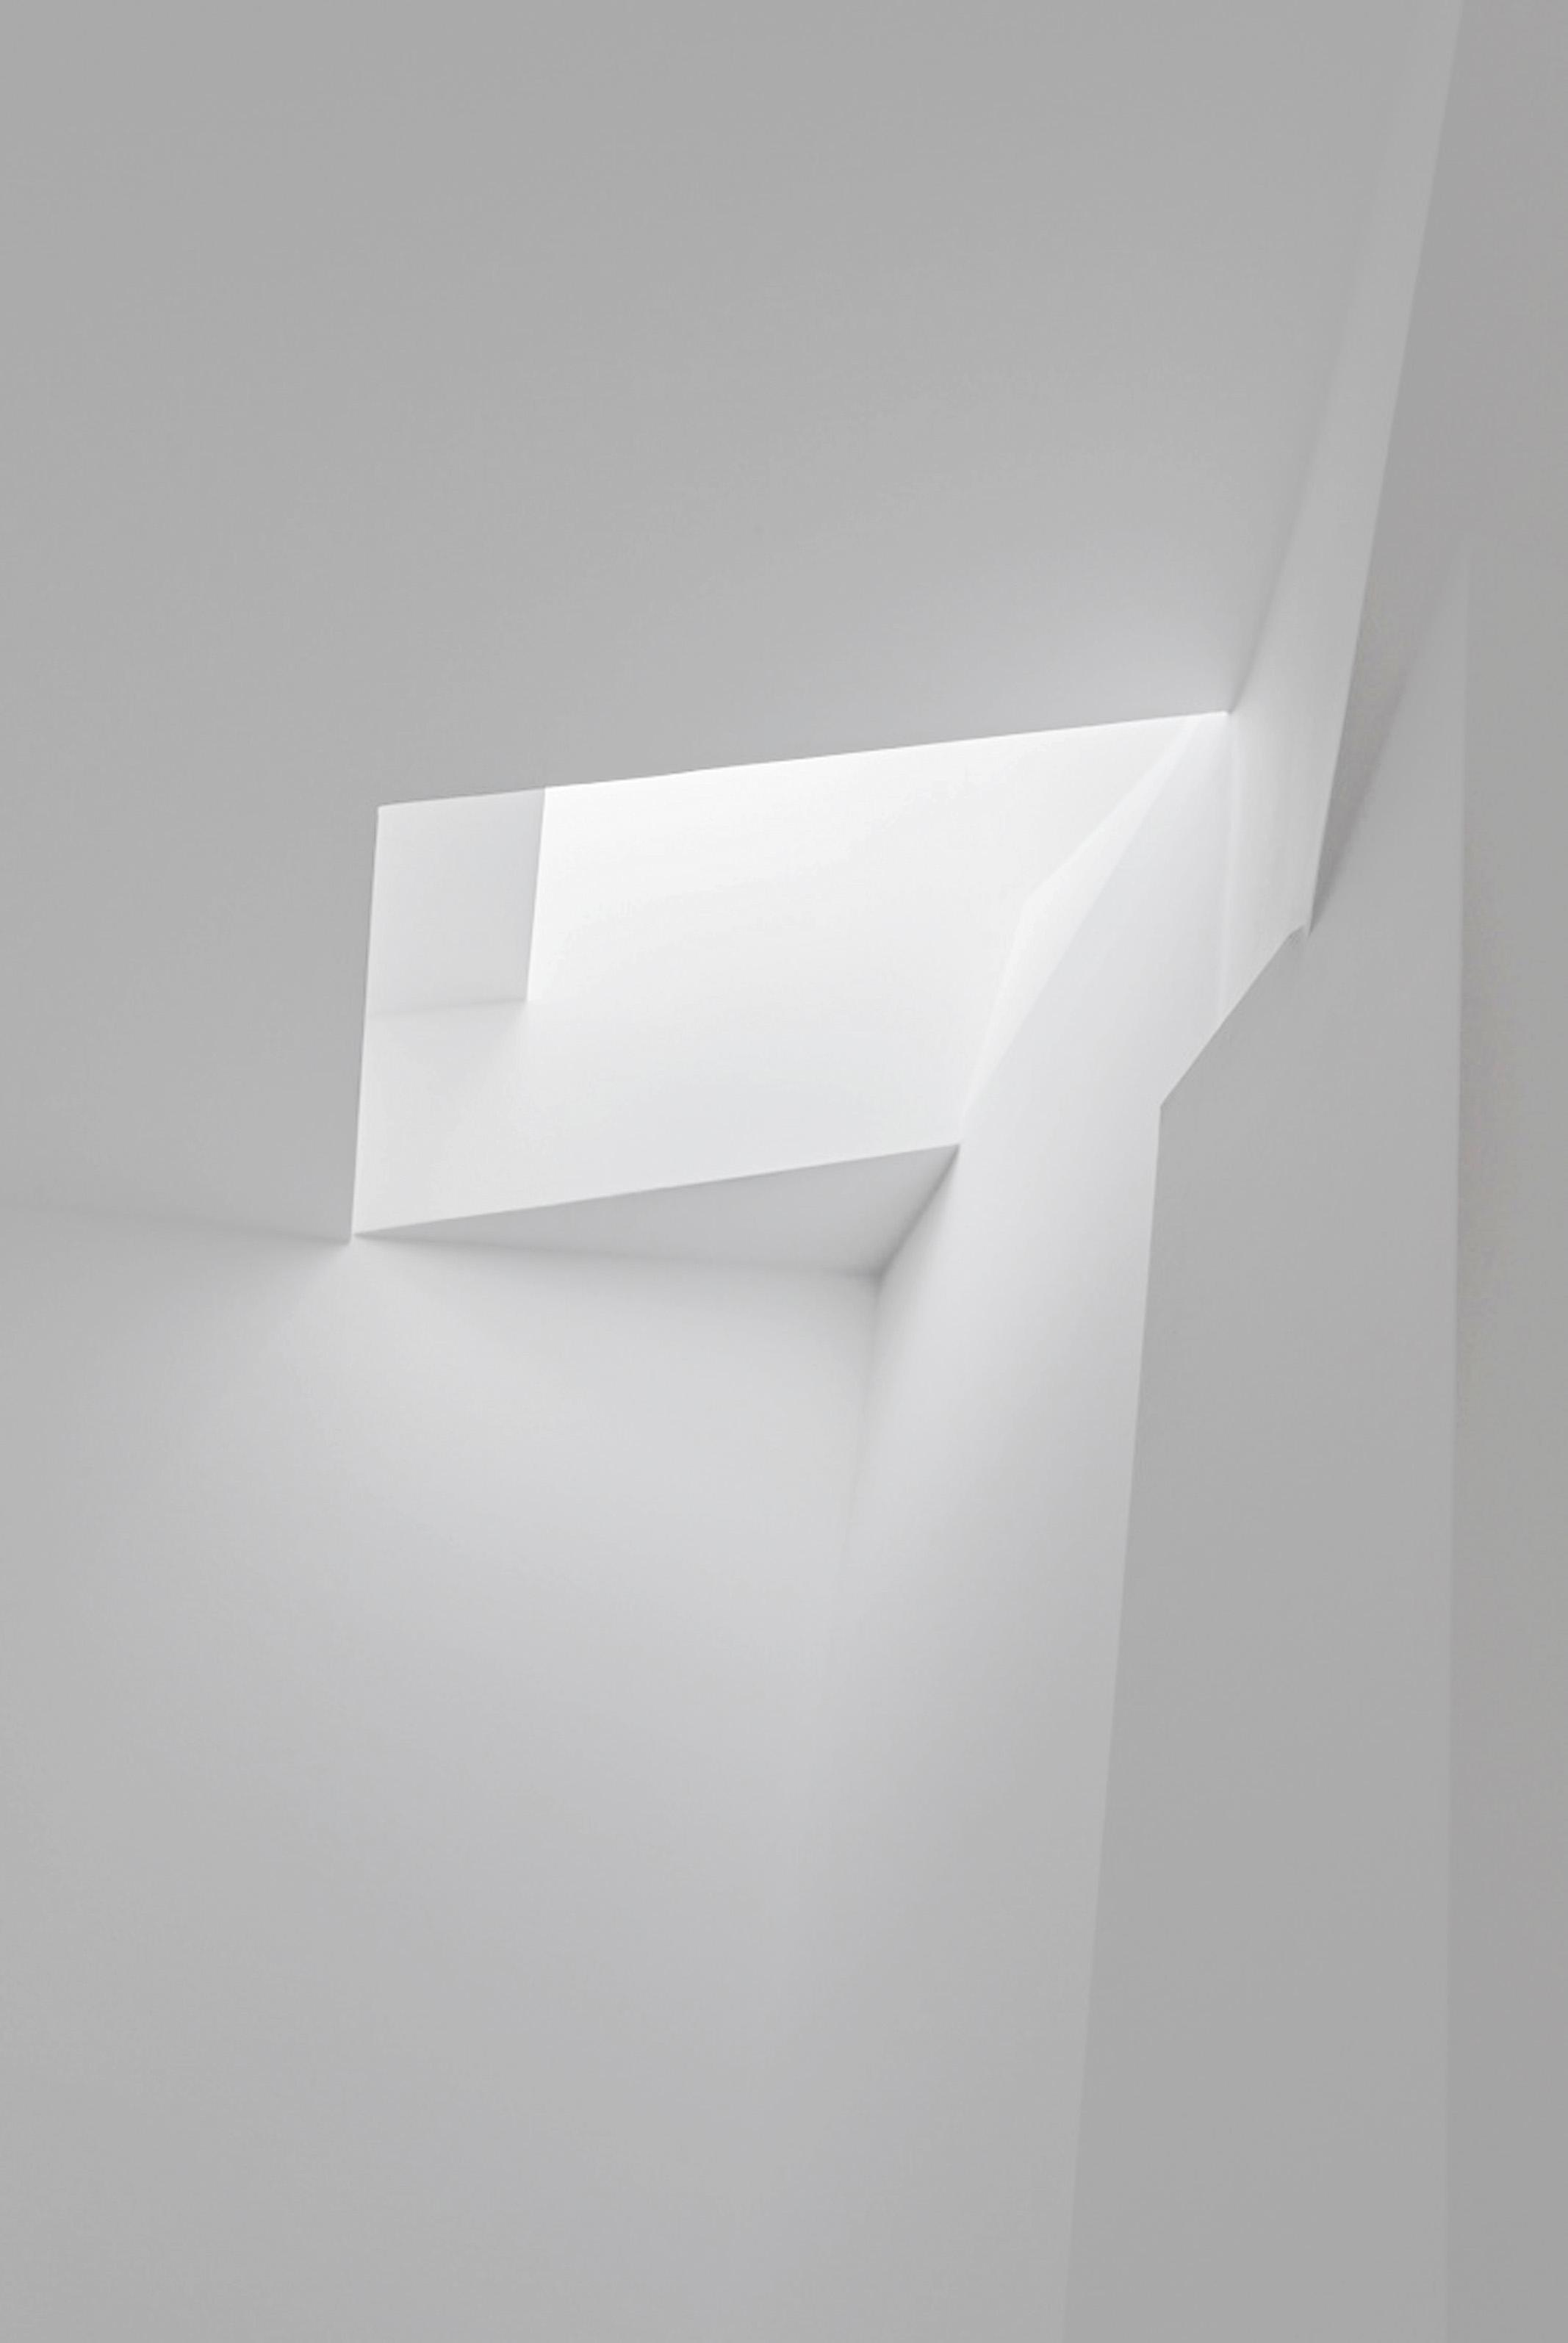 Wohnung6-Oberlicht